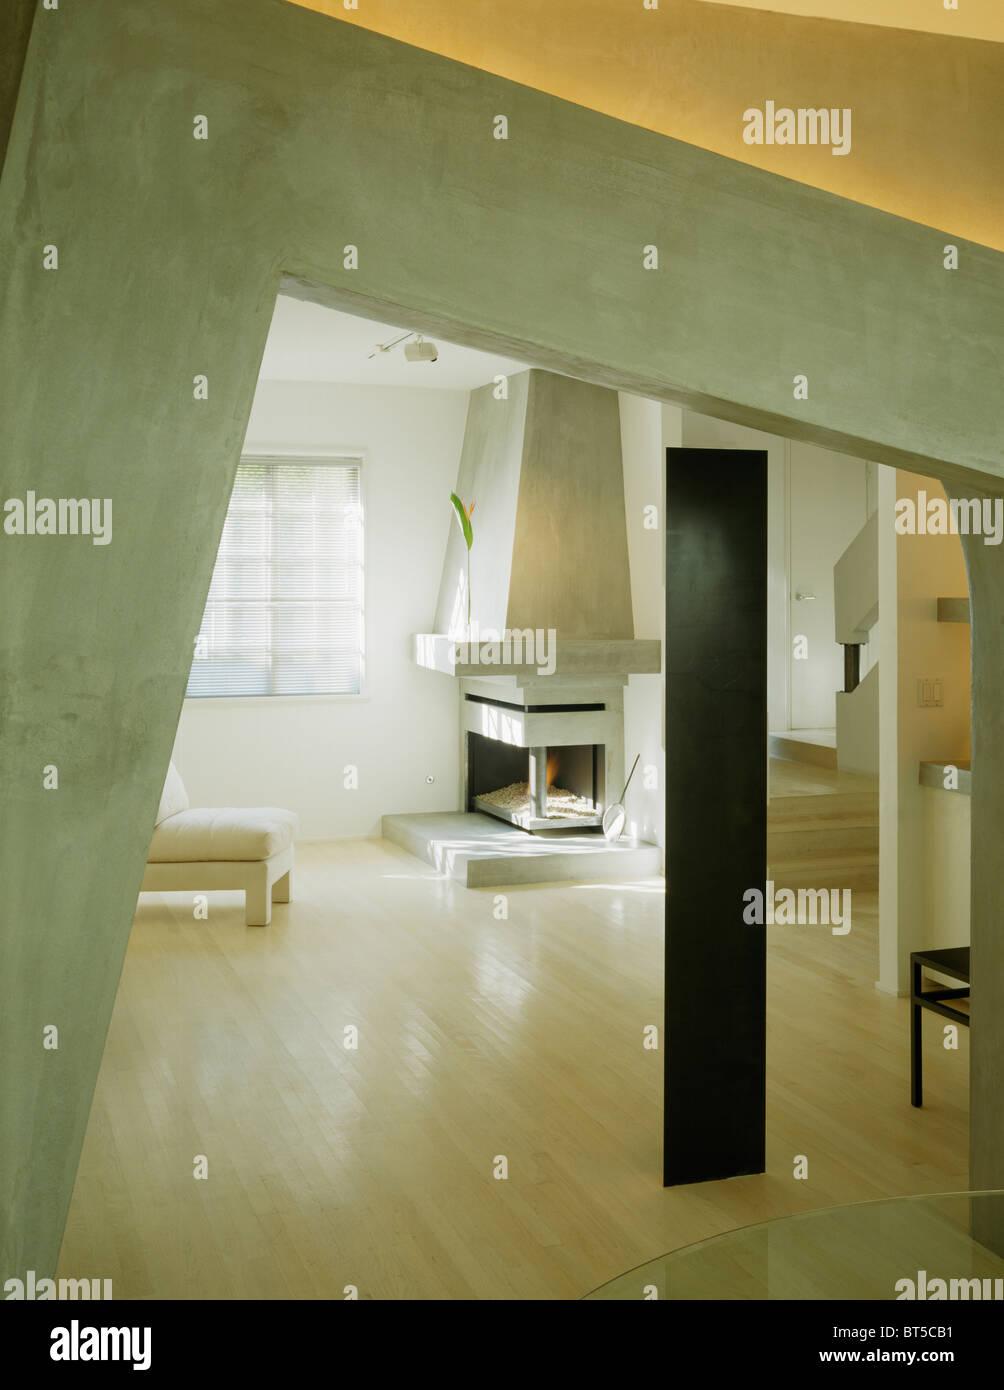 Intonaci cementizi arch con stucco in soggiorno moderno con rovere ...